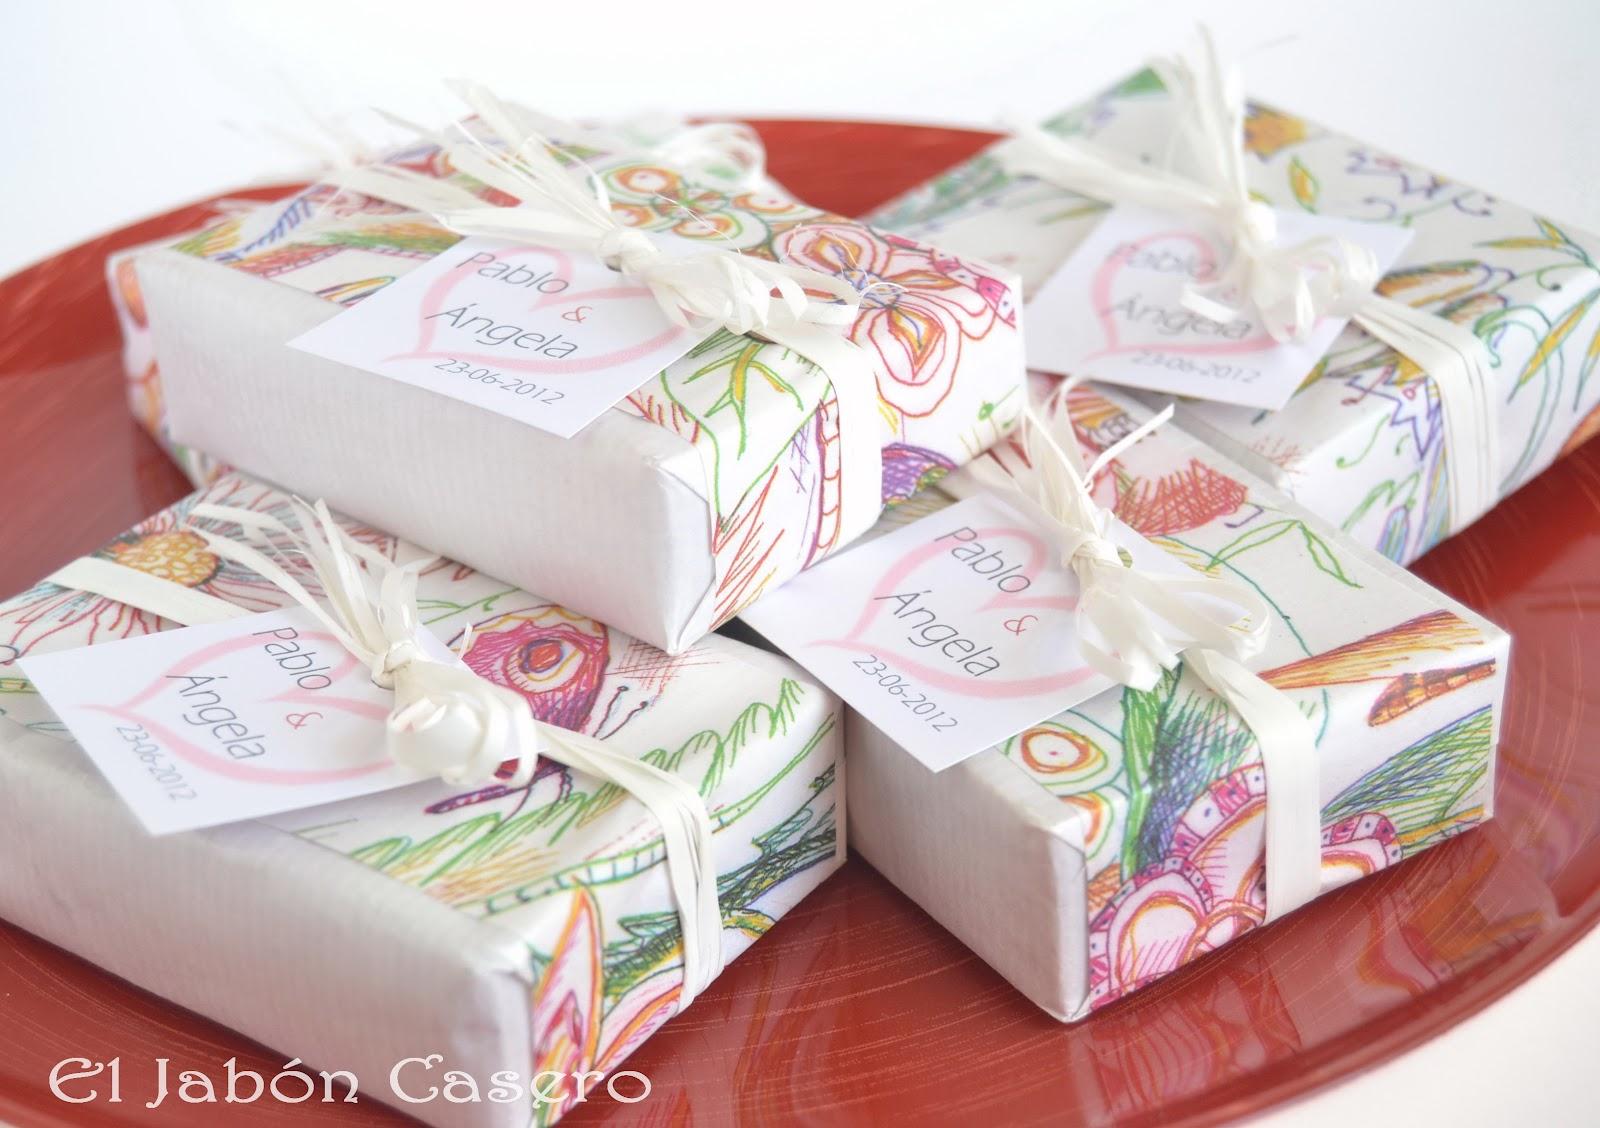 El jab n casero jabones de aceite de oliva regalos de boda - Detalles para los invitados de boda ...